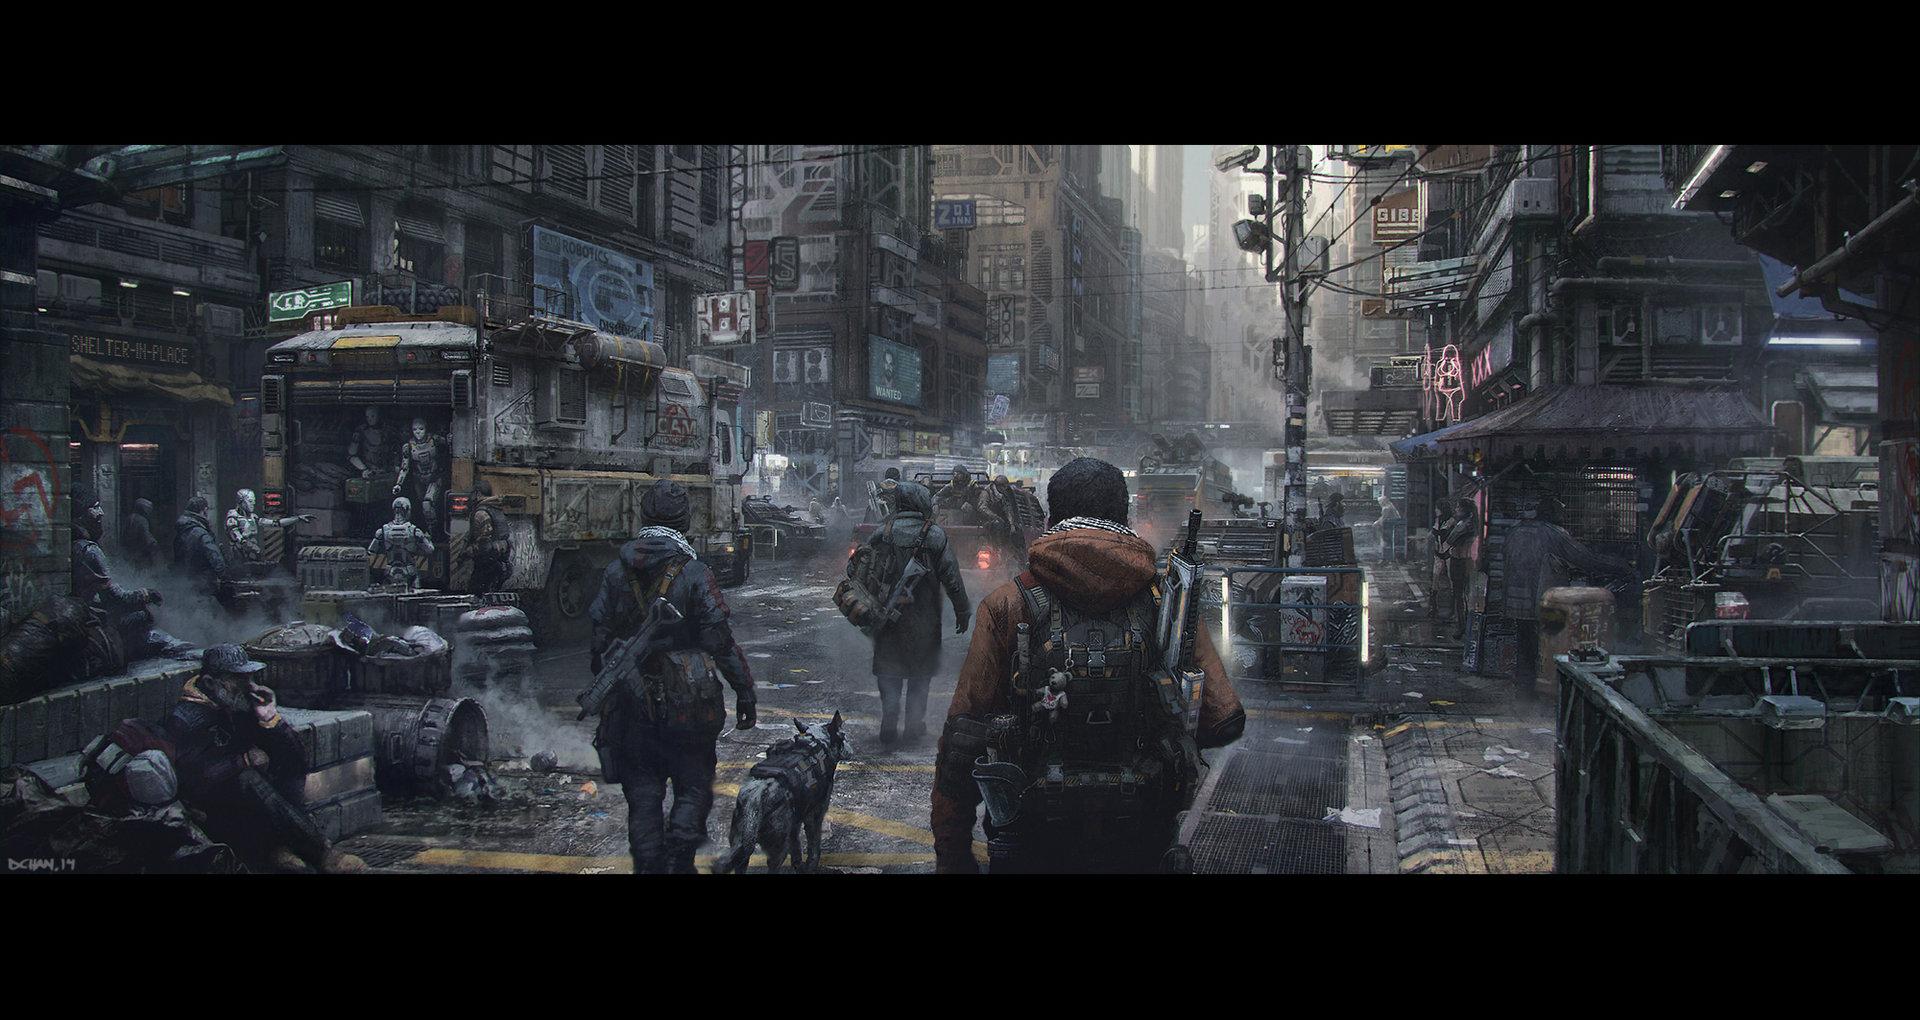 Concept art города в бедствии в серости, концепт арт от dennis chan